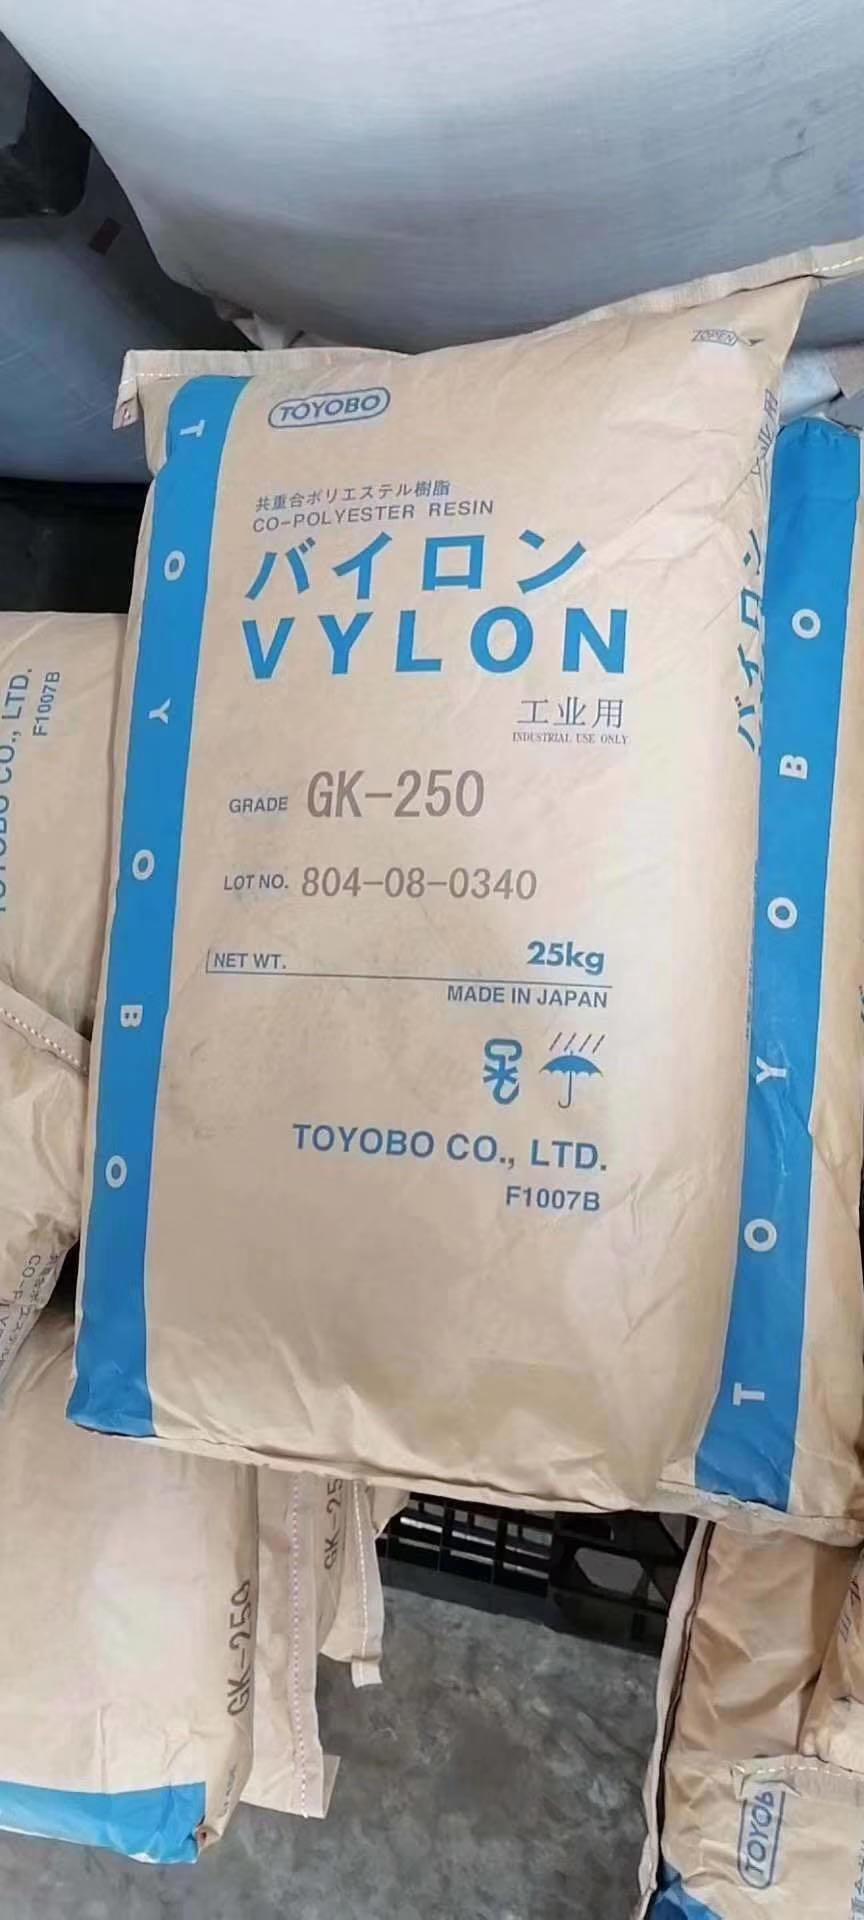 贵州树脂回收 废旧树脂回收公司 常年大量回收